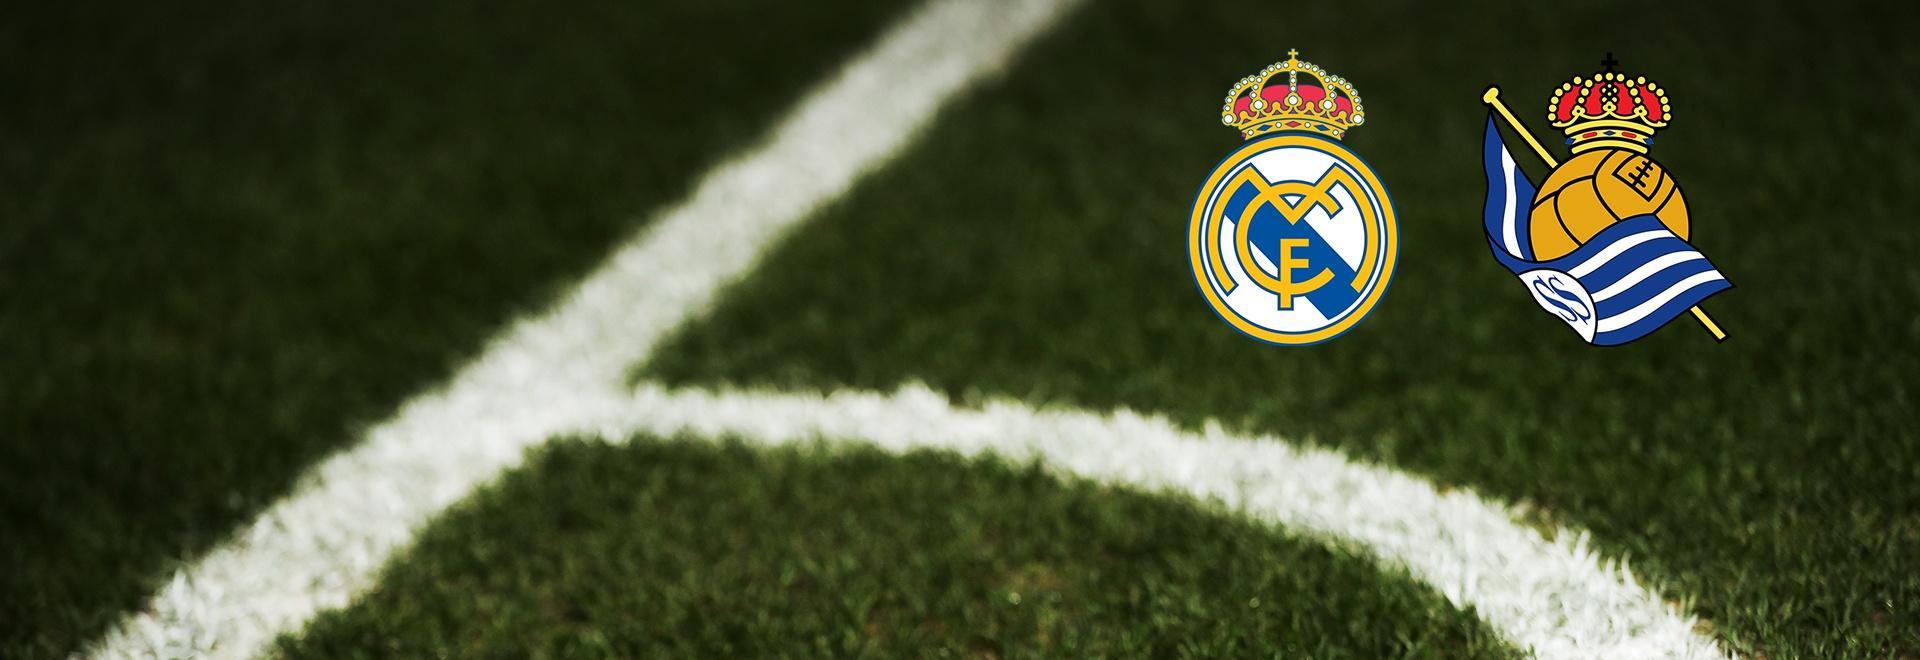 Real Madrid - Real Sociedad. 14a g.